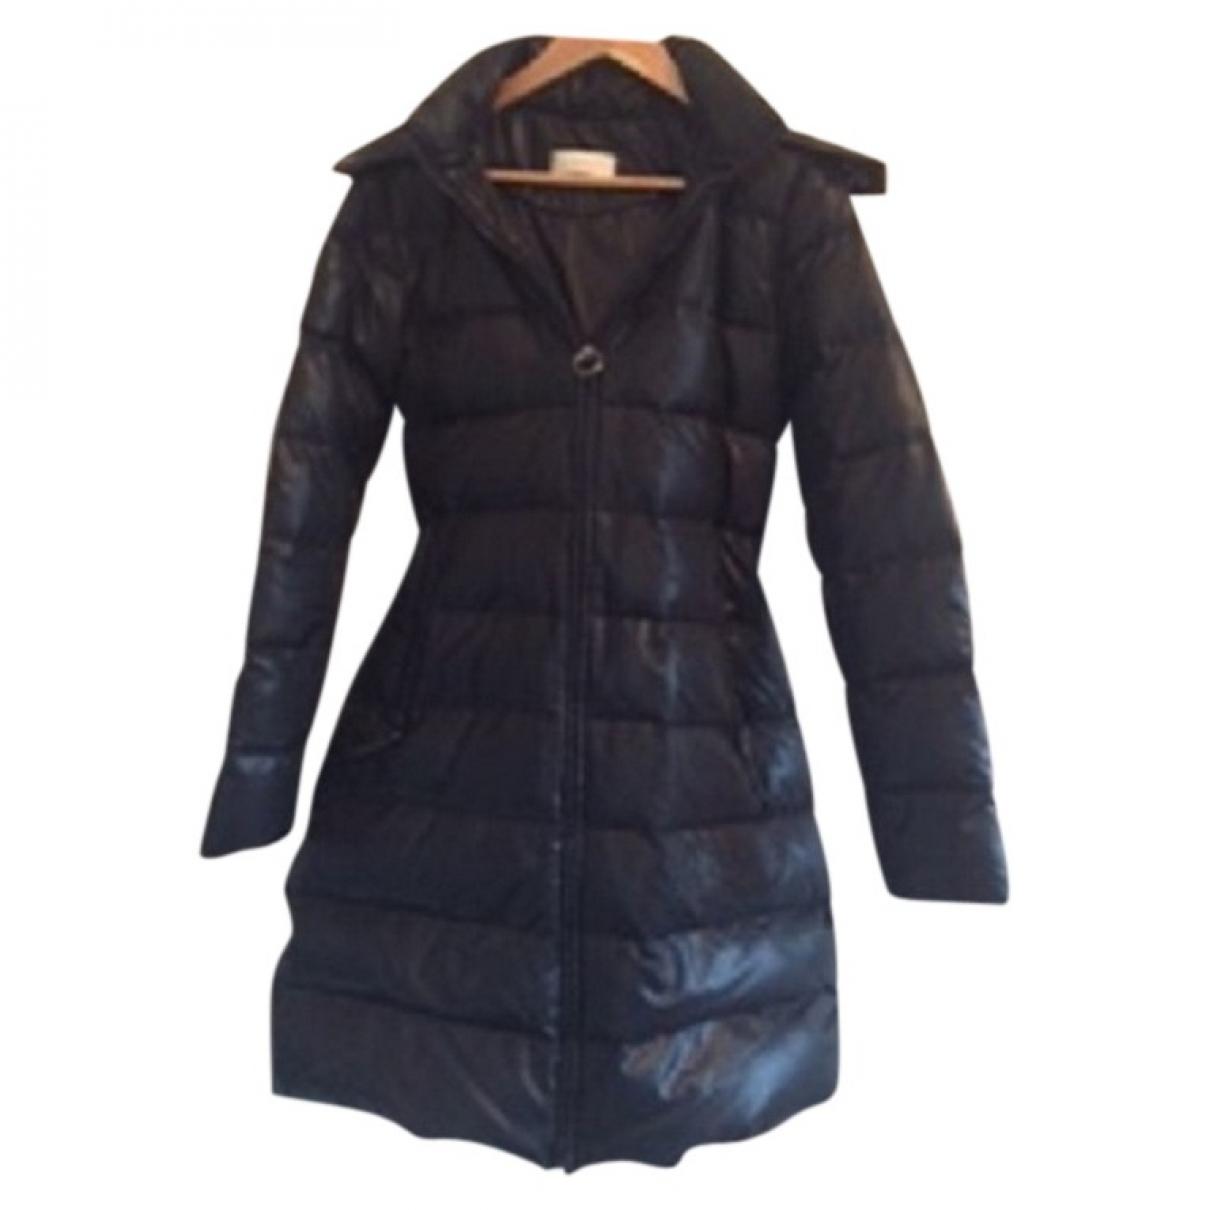 Zapa \N Black coat for Women 38 FR